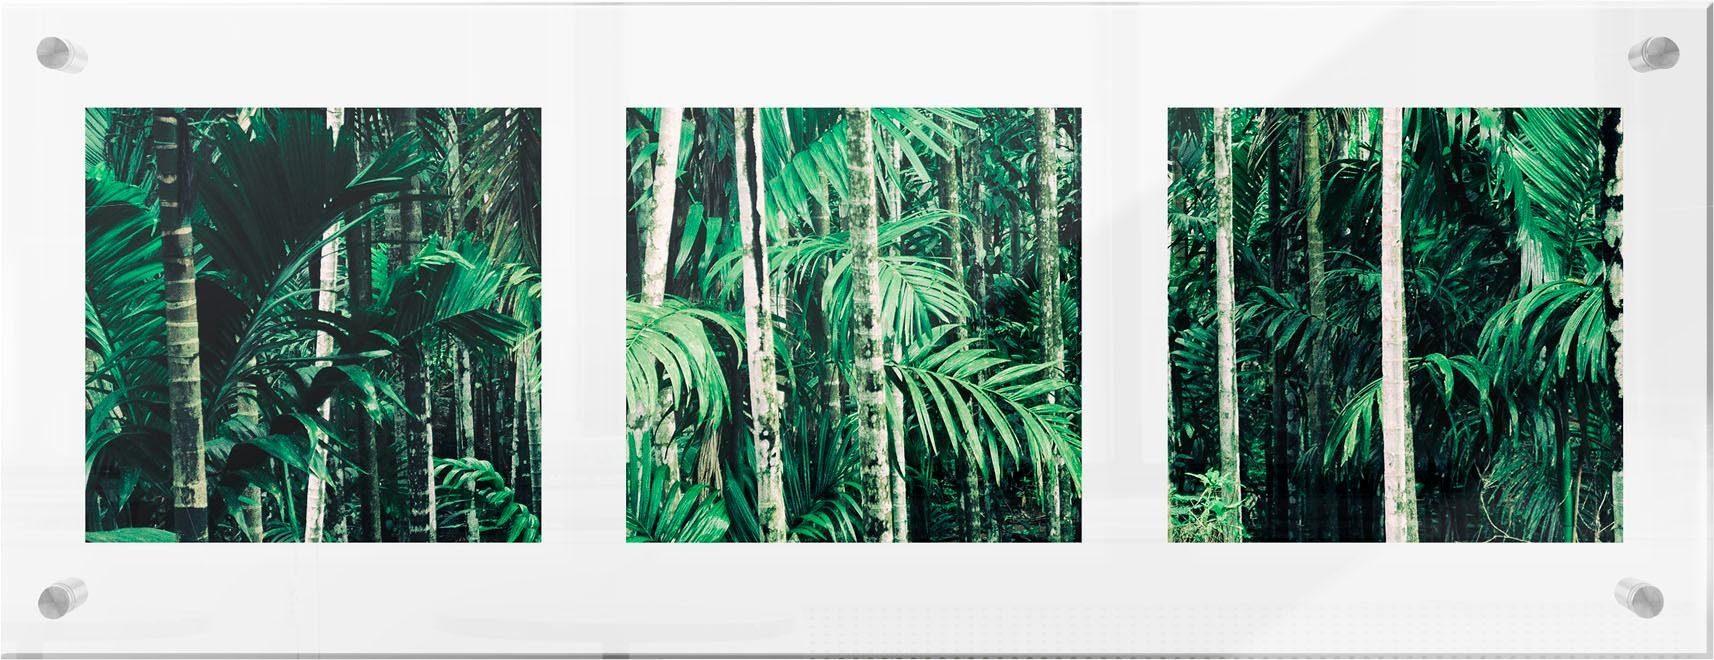 Premium collection by Home affaire Acrylglasbild »Im Dschungel«, 78/28 cm